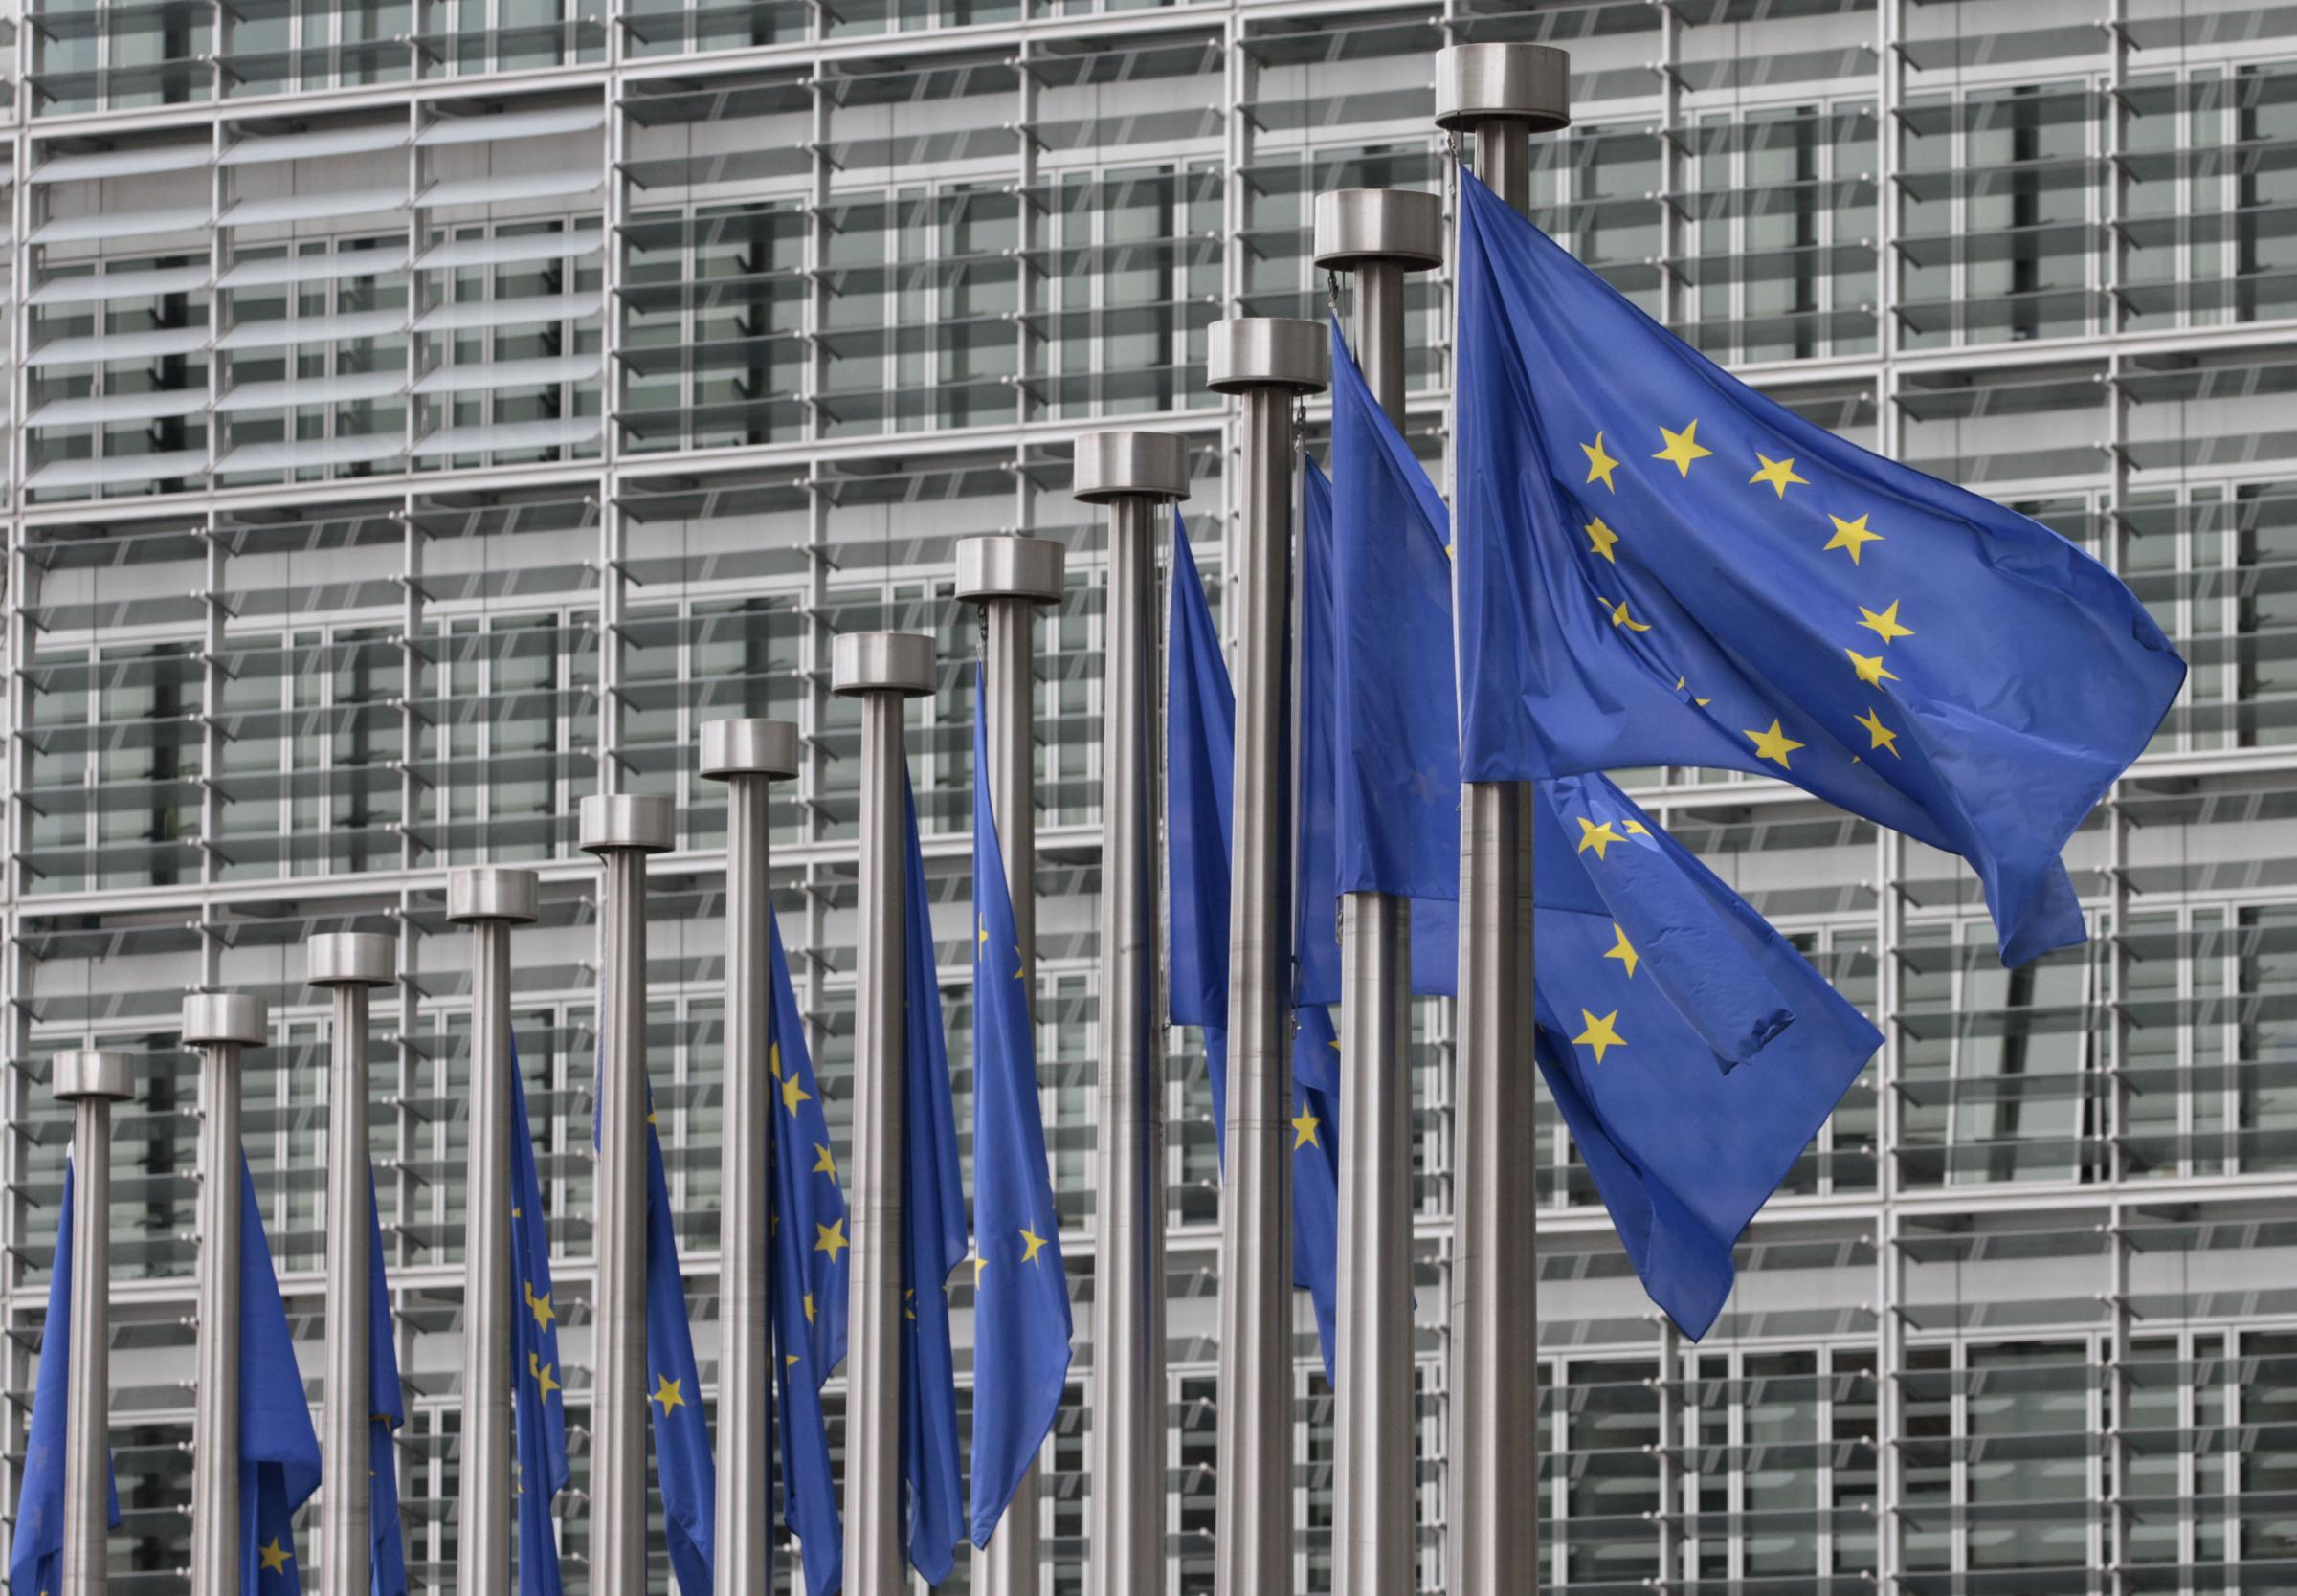 Sanità digitale, l'Europa indica le priorità per una (vera) rivoluzione